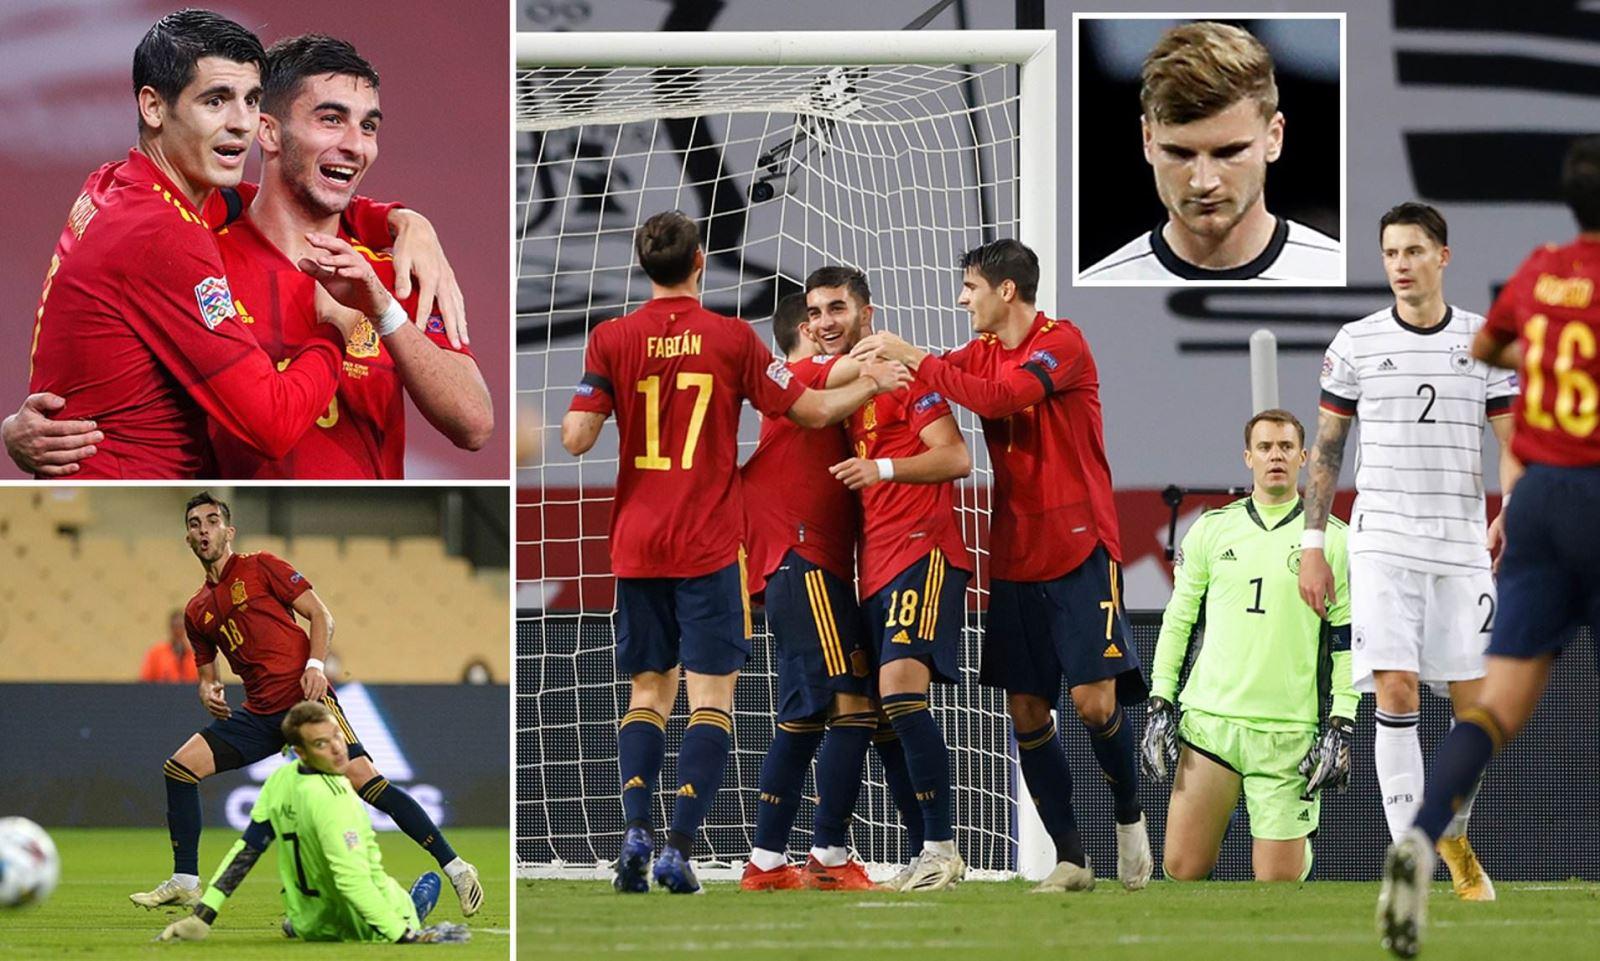 Anh vs Đức, trực tiếp Anh vs Đức, Anh đấu với Đức, EURO 2021, trực tiếp EURO 2021, lịch thi đấu EURO, soi kèo Anh vs Đức